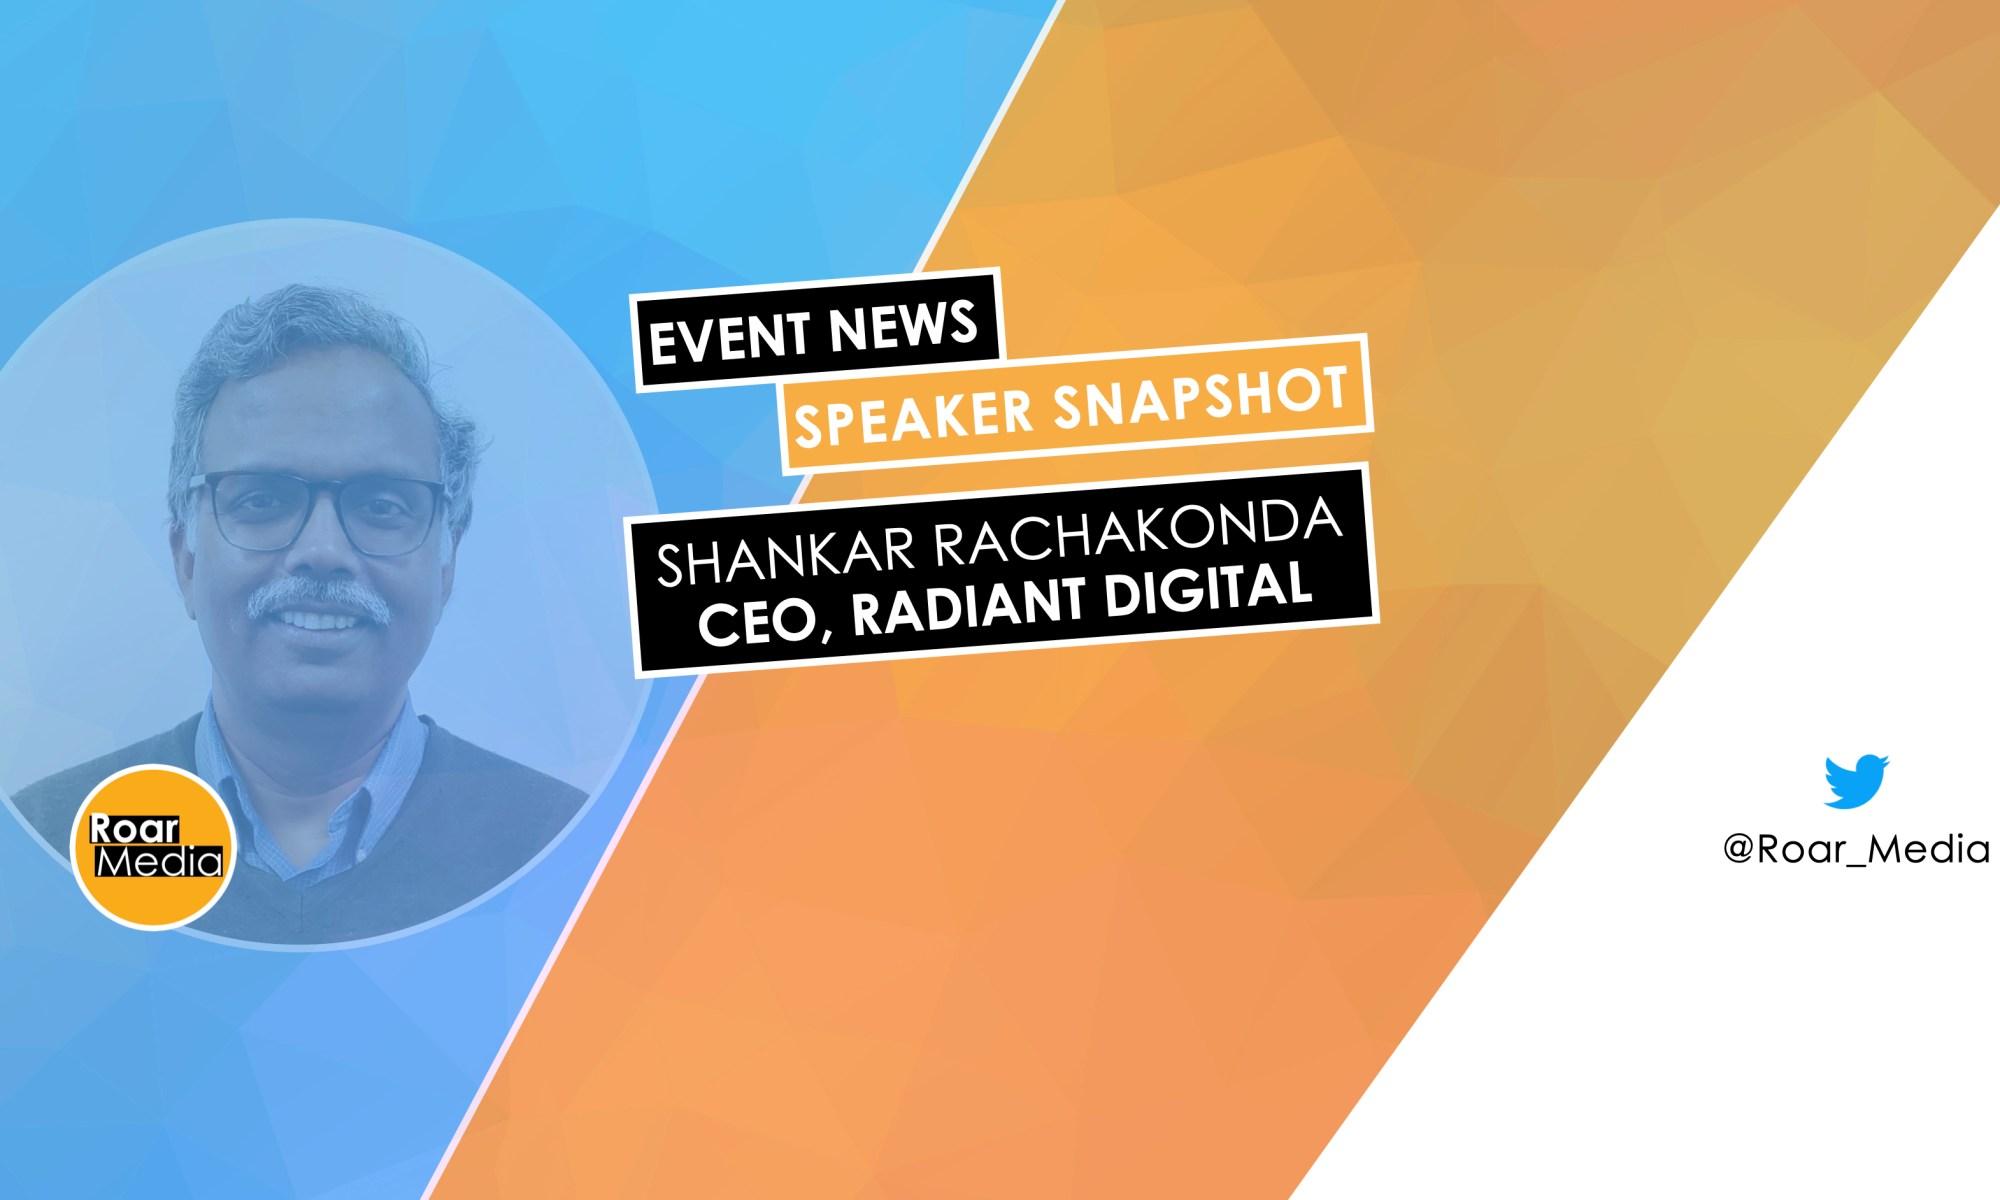 Shankar Rachakonda, CEO of Radiant Digital